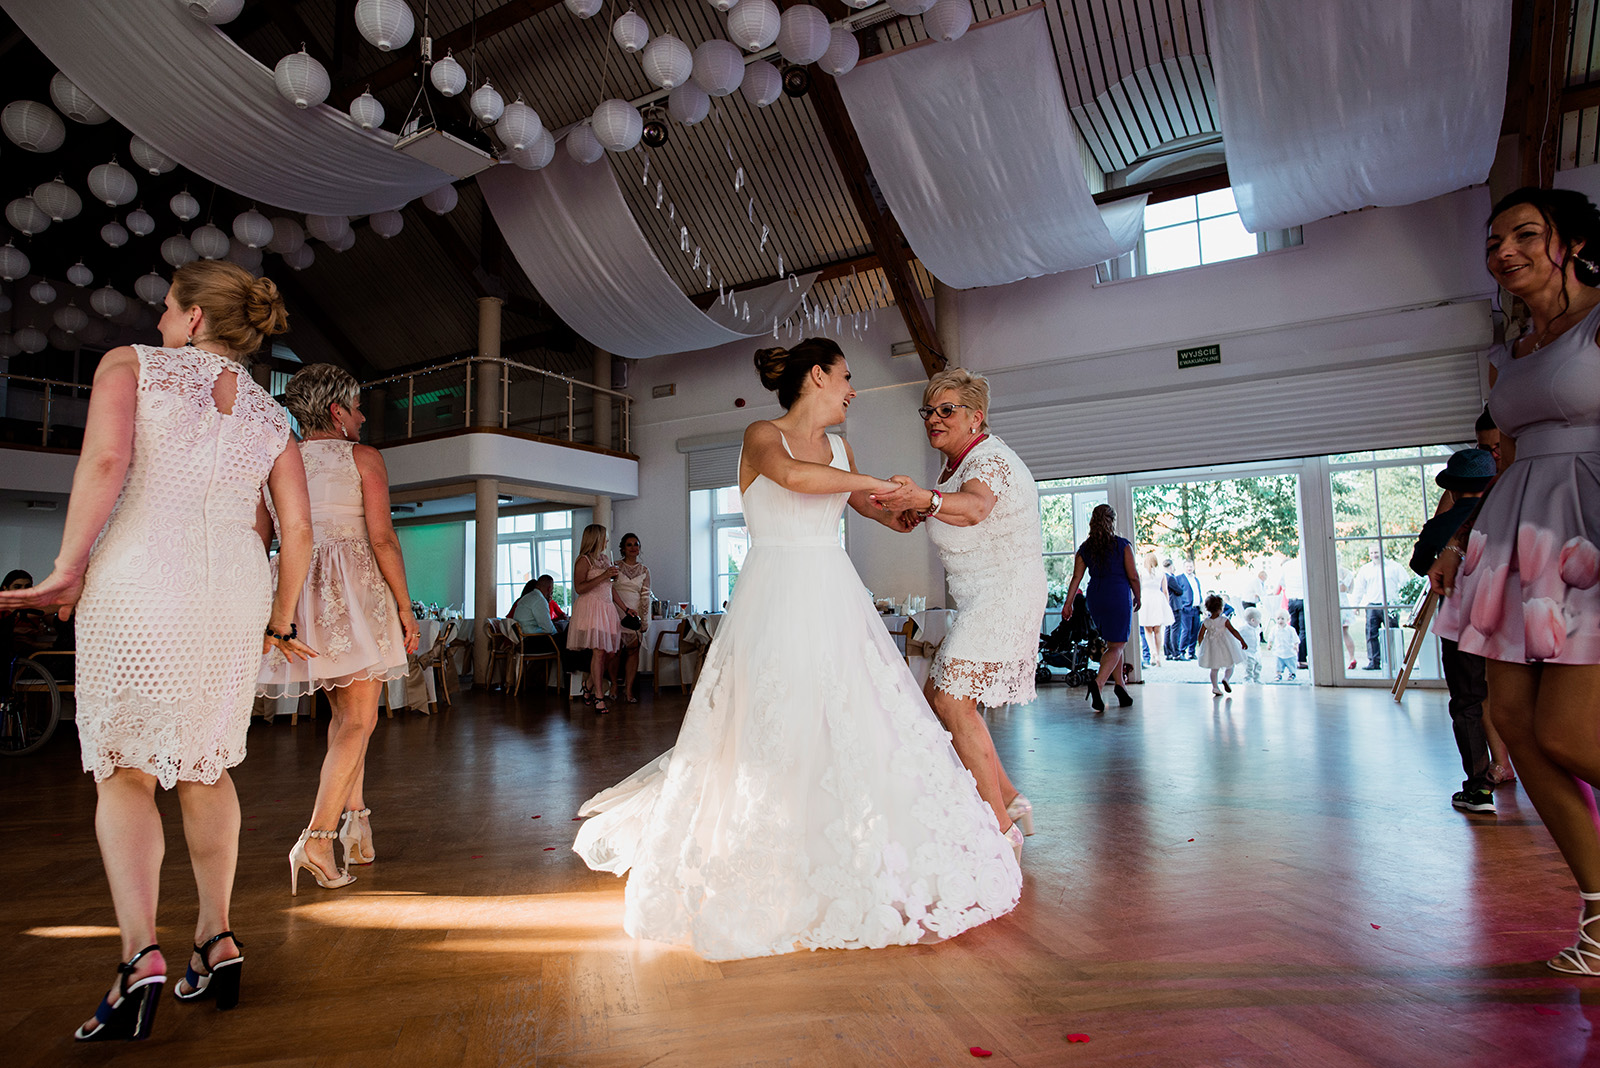 naturalna fotografia slubna - wesele w krzyzowej - panna mloda i jej suknia